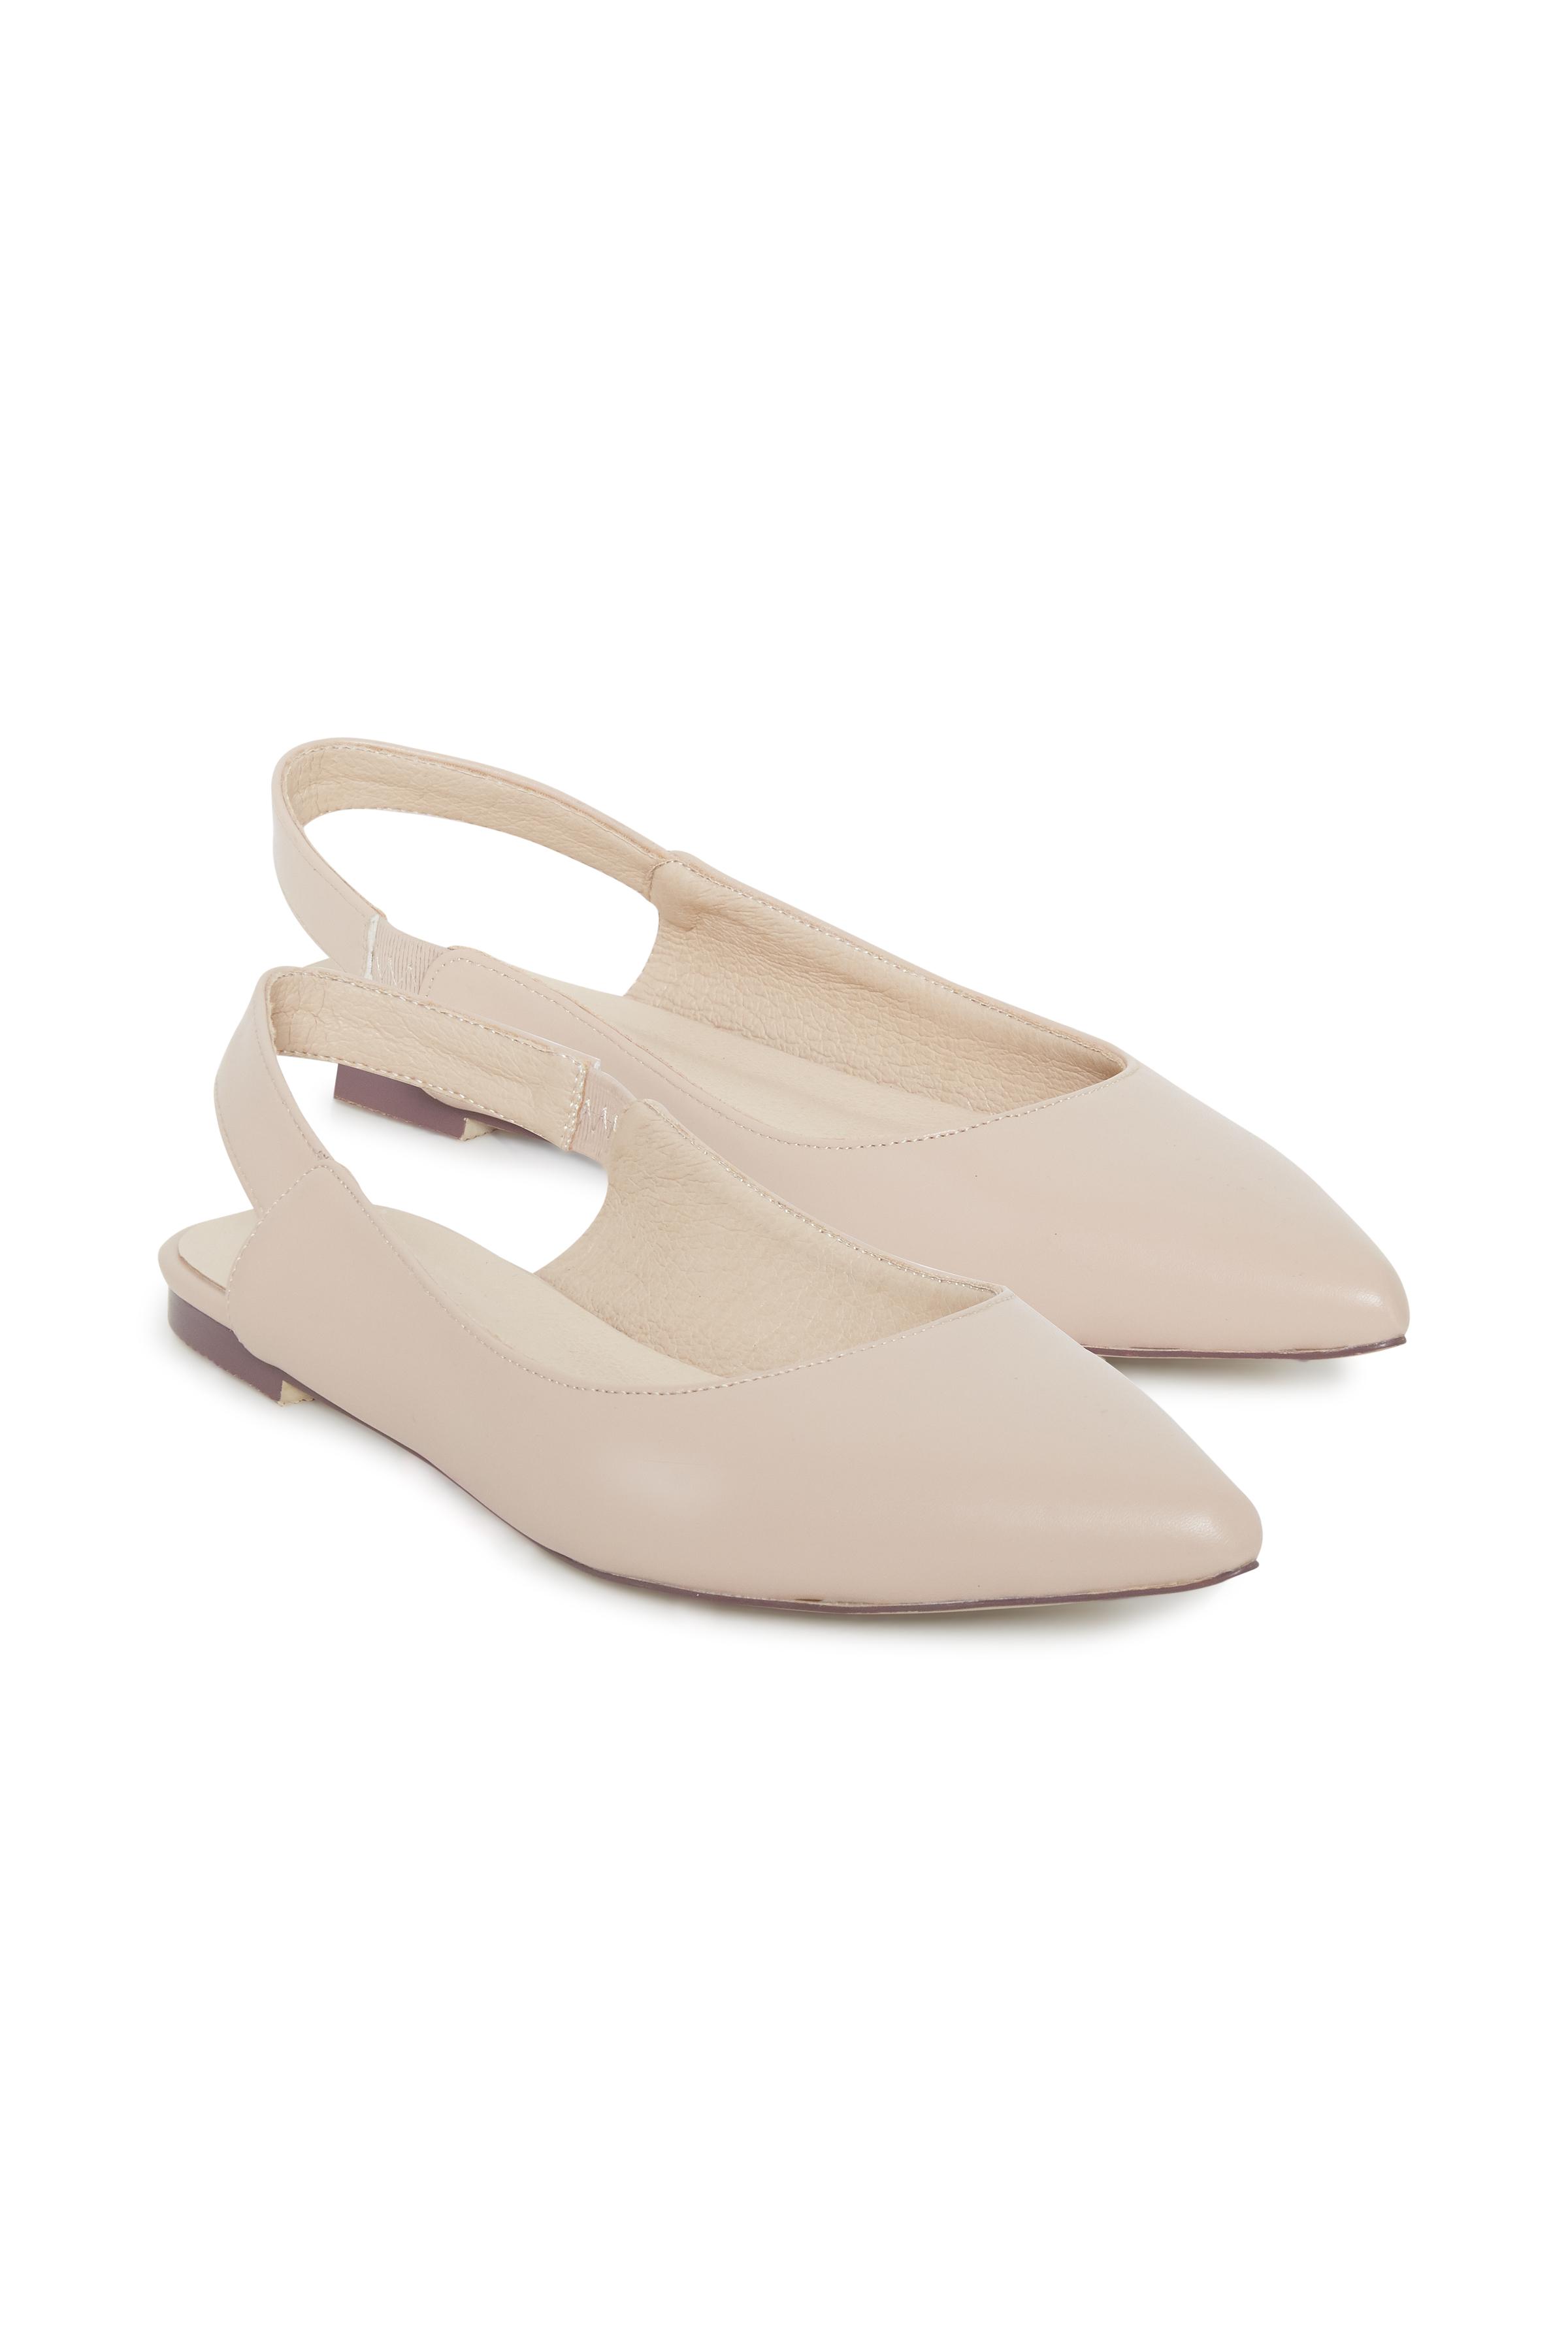 Dimrosa Skor från Ichi - accessories – Köp Dimrosa Skor från stl. 36-41 här